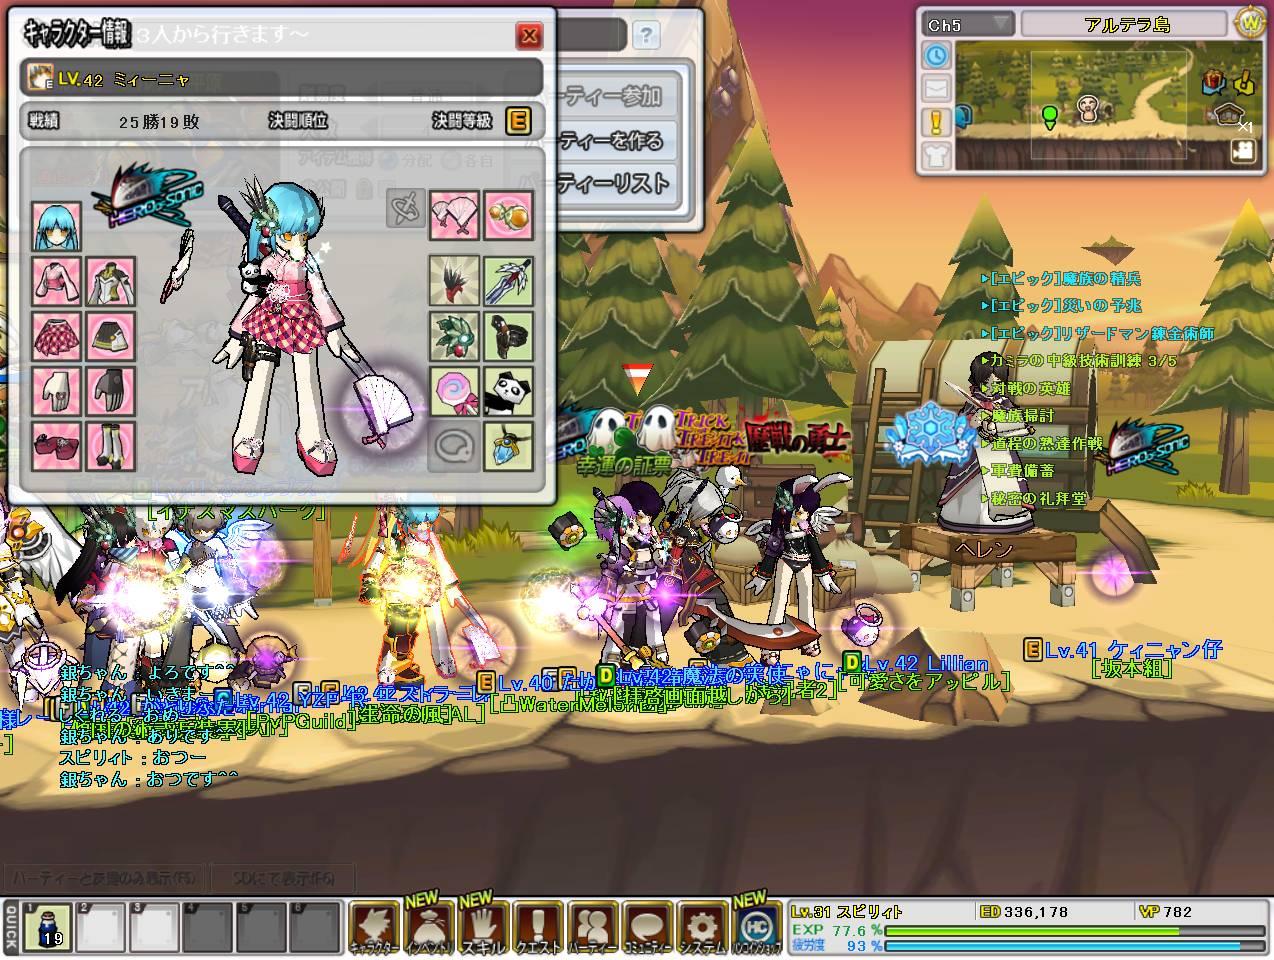 SC_2010_11_2_15_37_36_.jpg